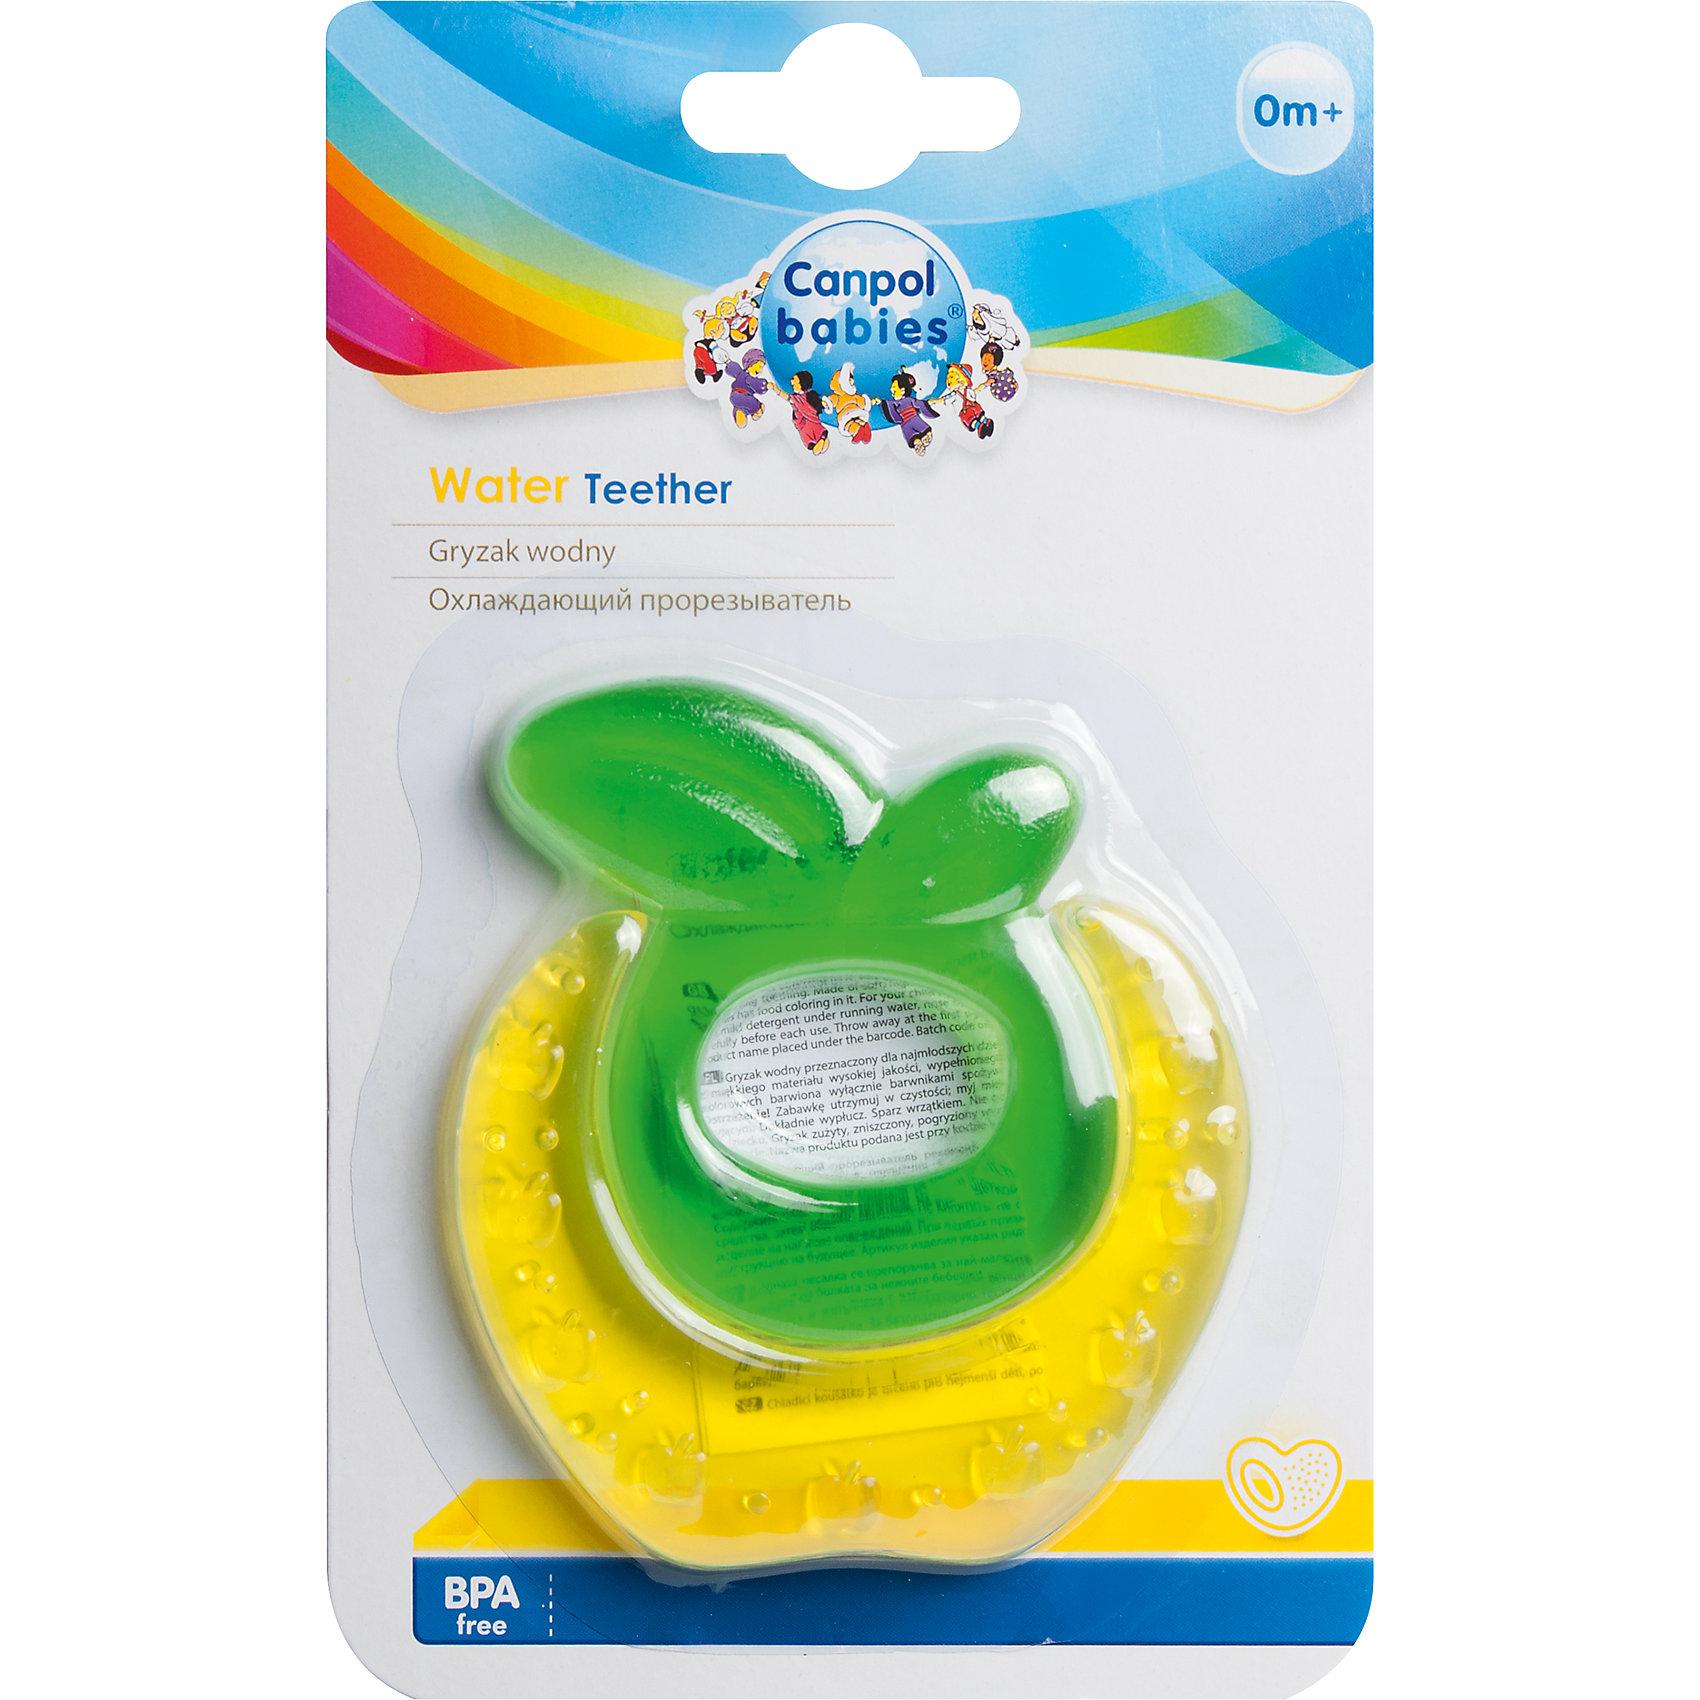 Прорезыватель водный охлаждающий Ягодка 0+ Fruits, Canpol Babies, желтый